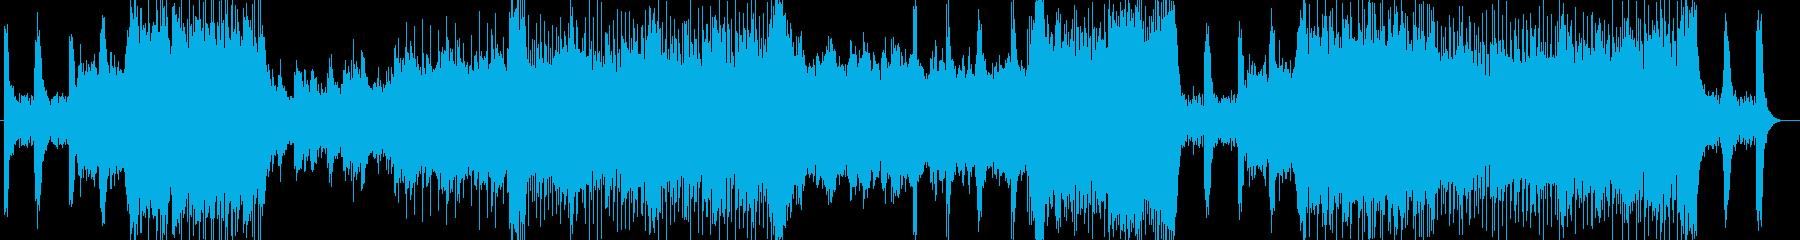 ファンタジックなシンセサイザーサウンドの再生済みの波形